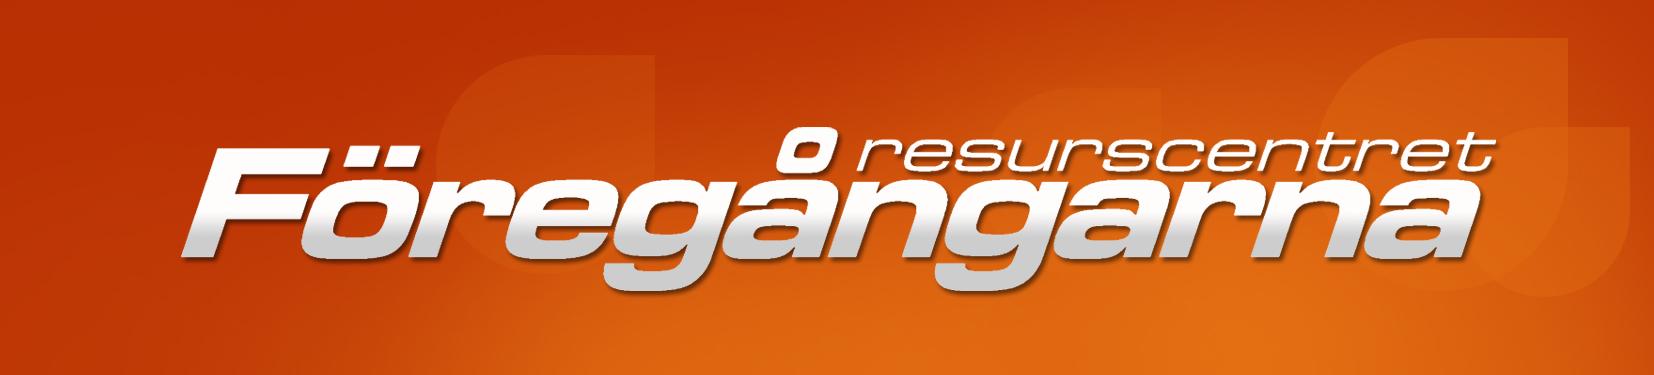 Resurscentret Föregångaren työpajan logo